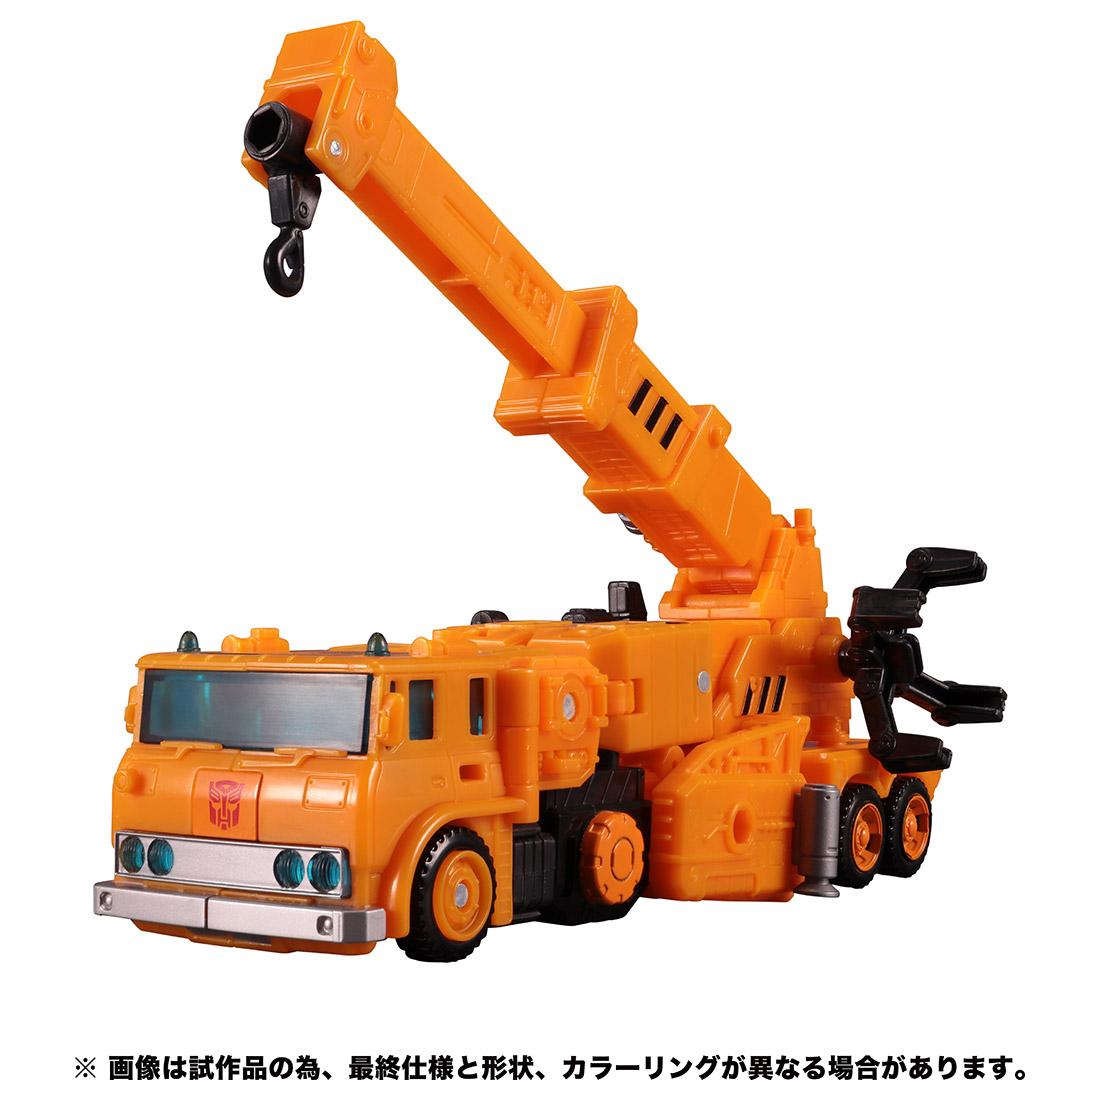 【限定販売】トランスフォーマー アースライズ『ER EX-02 グラップル』可変可動フィギュア-003